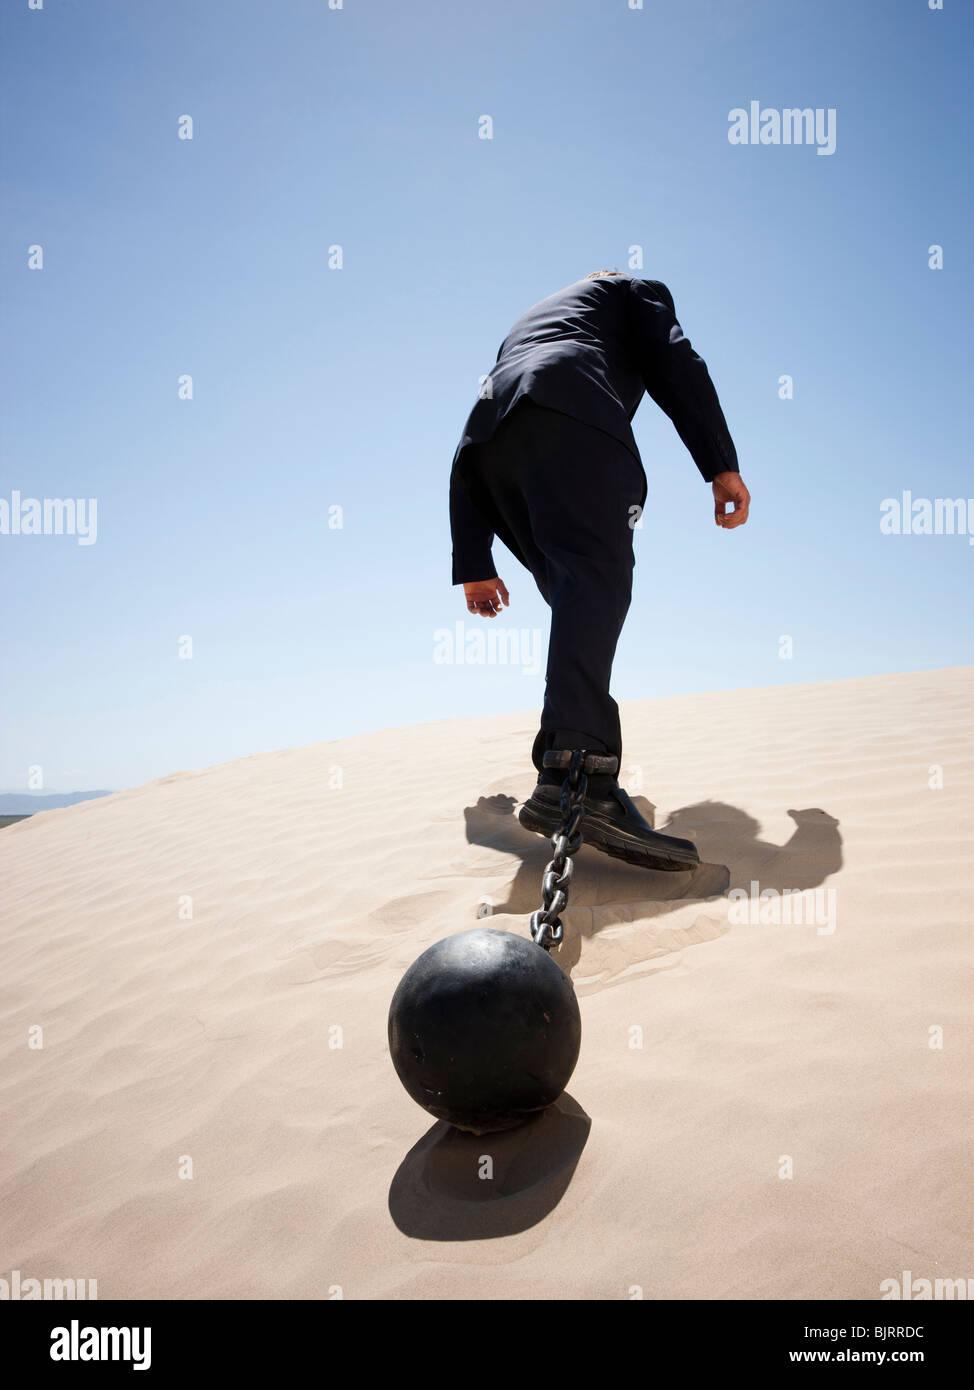 Estados Unidos, Utah, Little Sahara, adulto medio empresario tirando bola en cadena en el desierto, vista trasera, Foto de stock